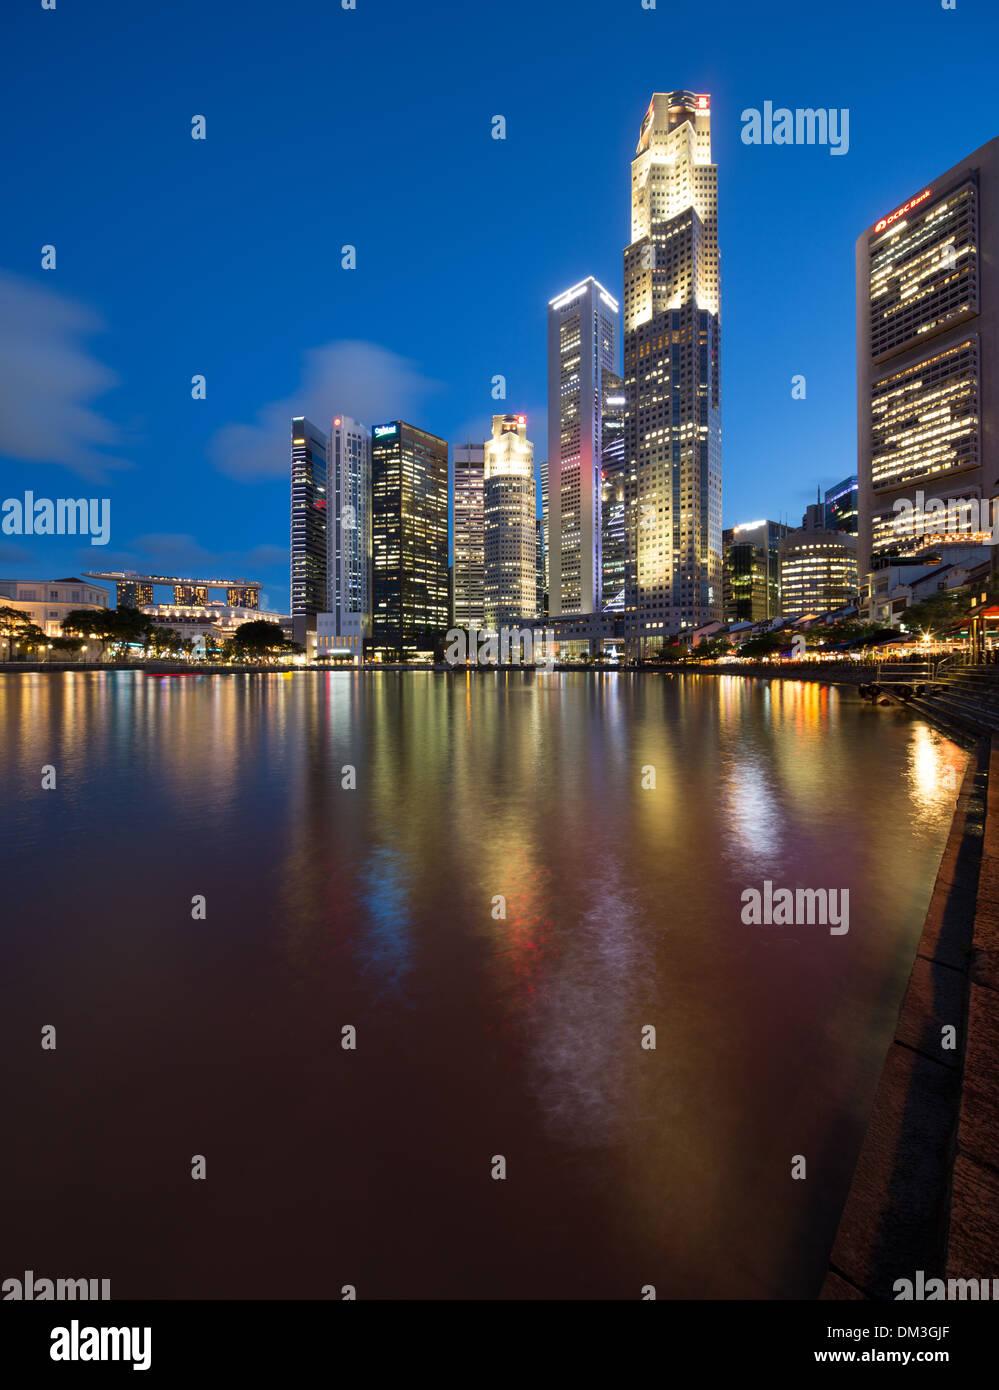 der Central Business District bei Nacht von Boat Quay, Singapur Stockbild